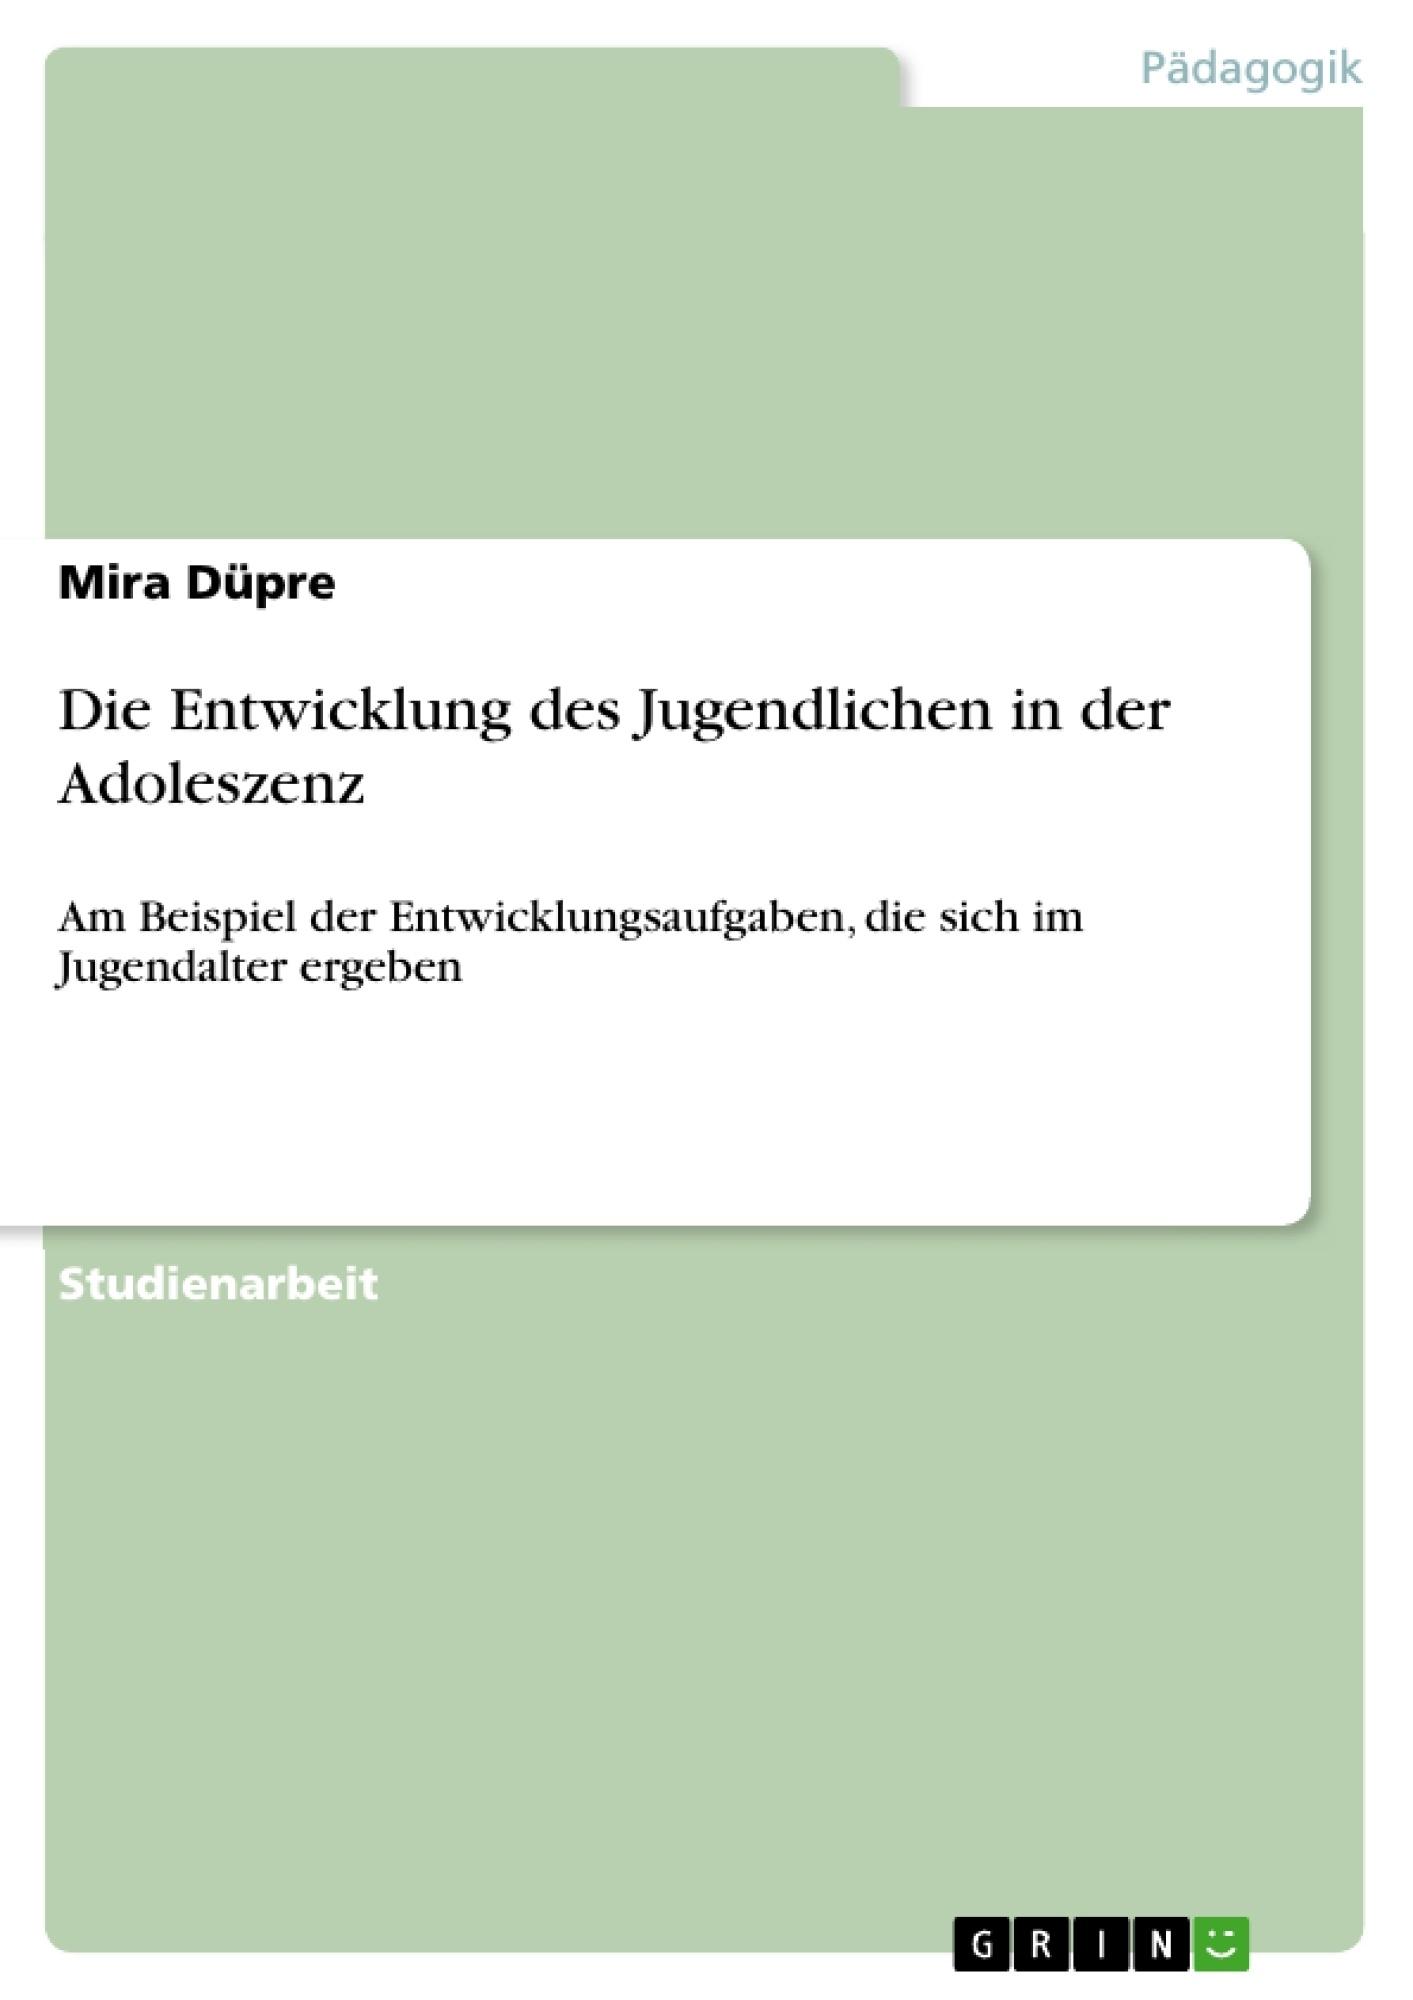 Titel: Die Entwicklung des Jugendlichen in der Adoleszenz